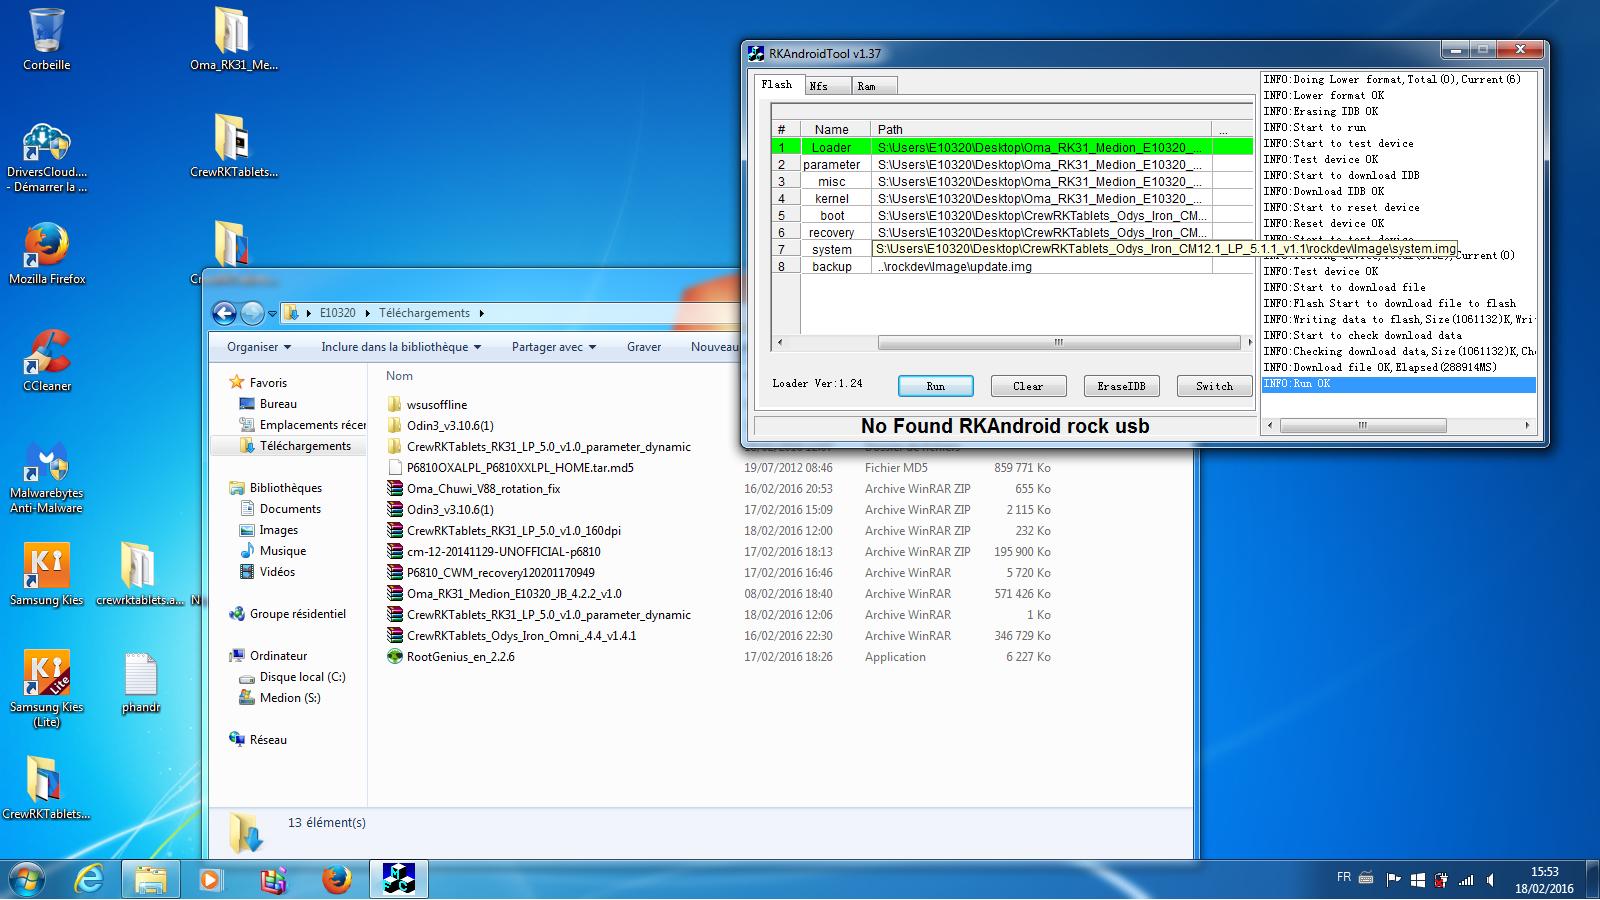 02-18-14-Fichiers-Utilises-Pour-Medion-E10320.png